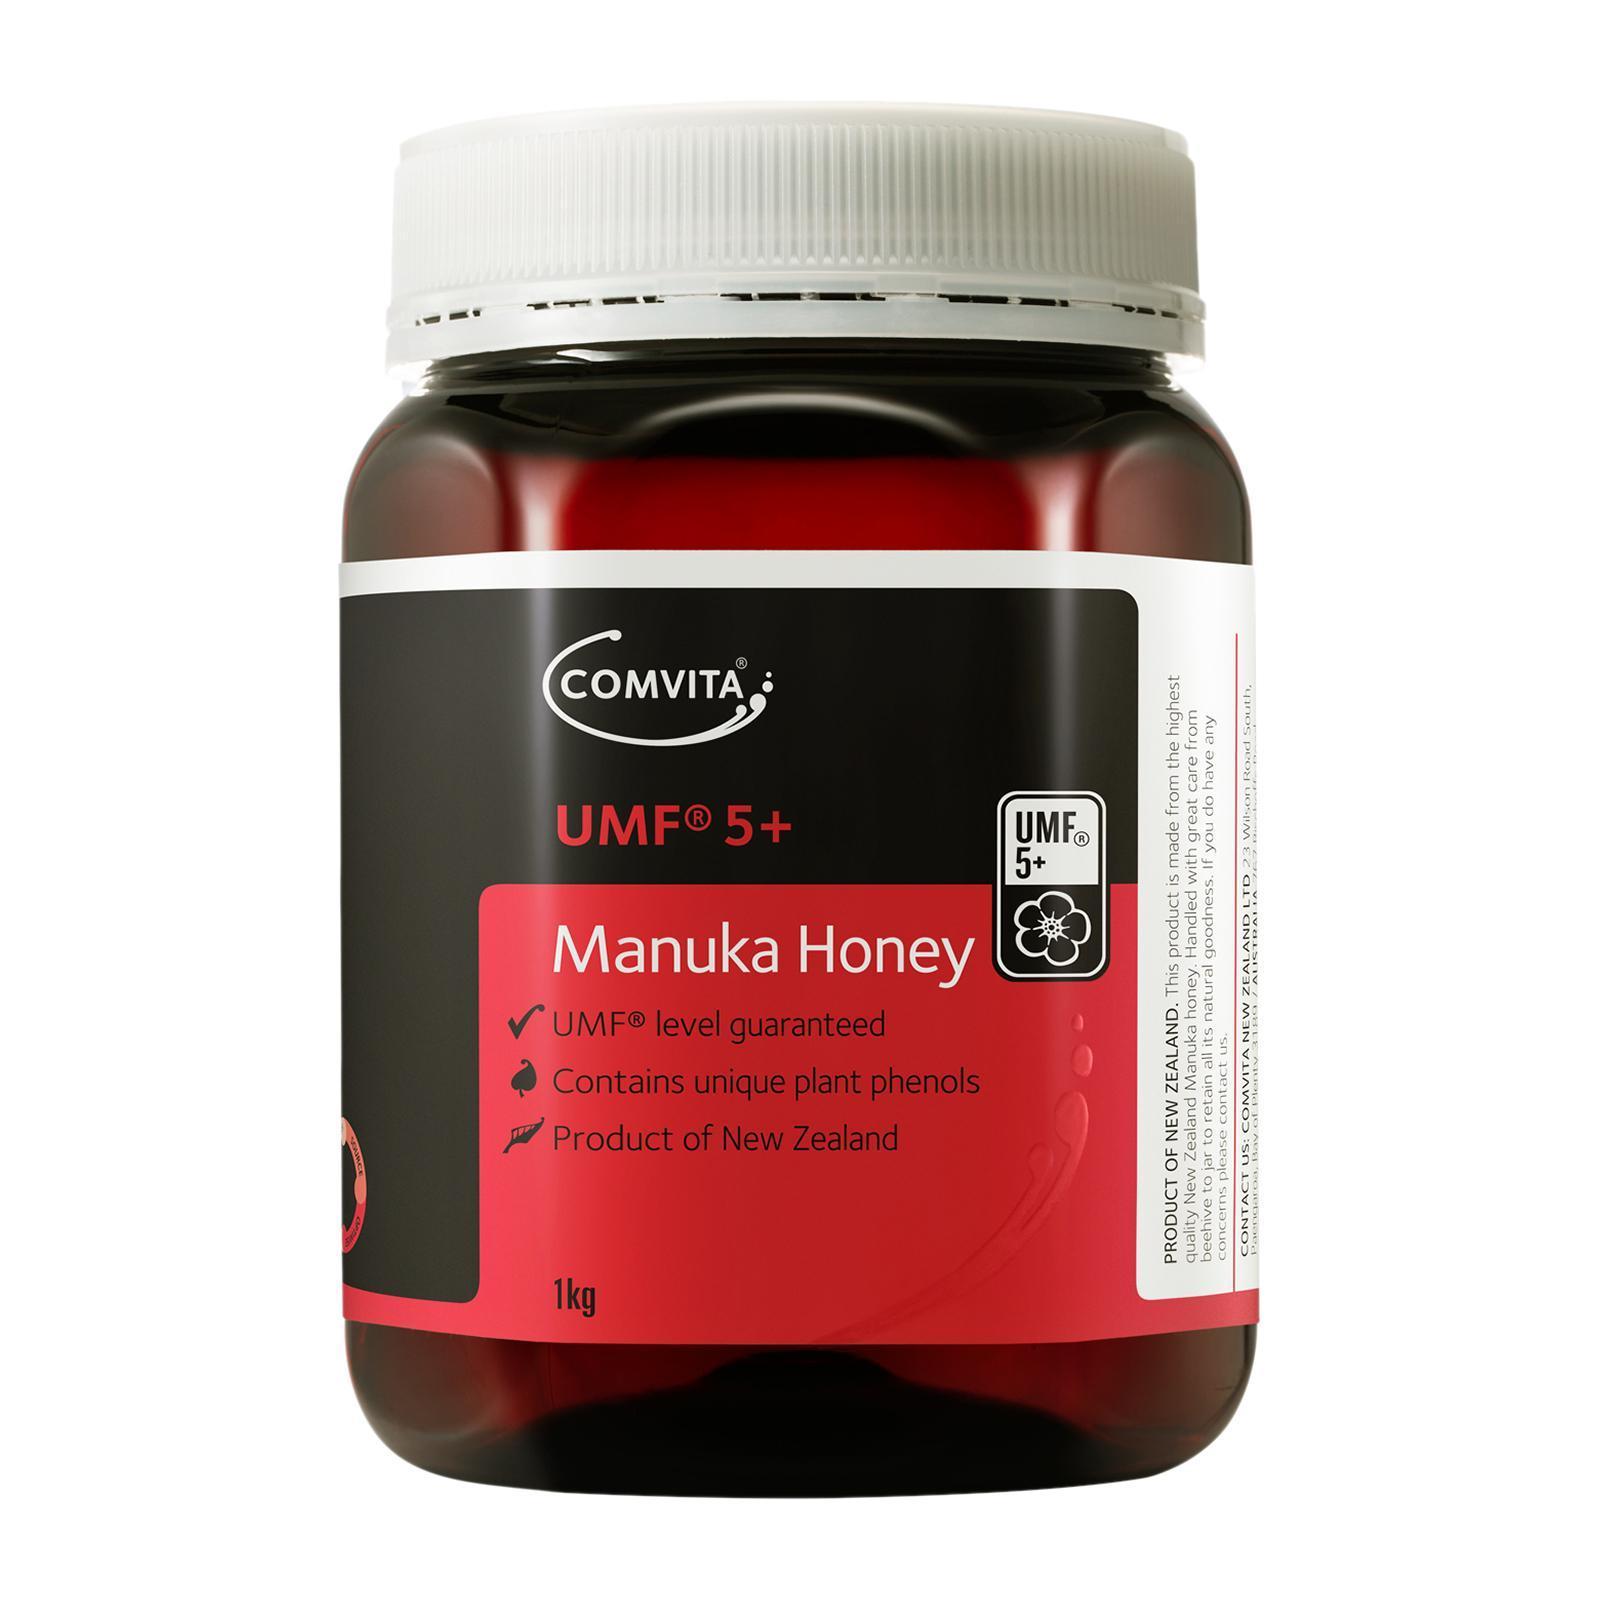 COMVITA manuka honey umf 5 1kg